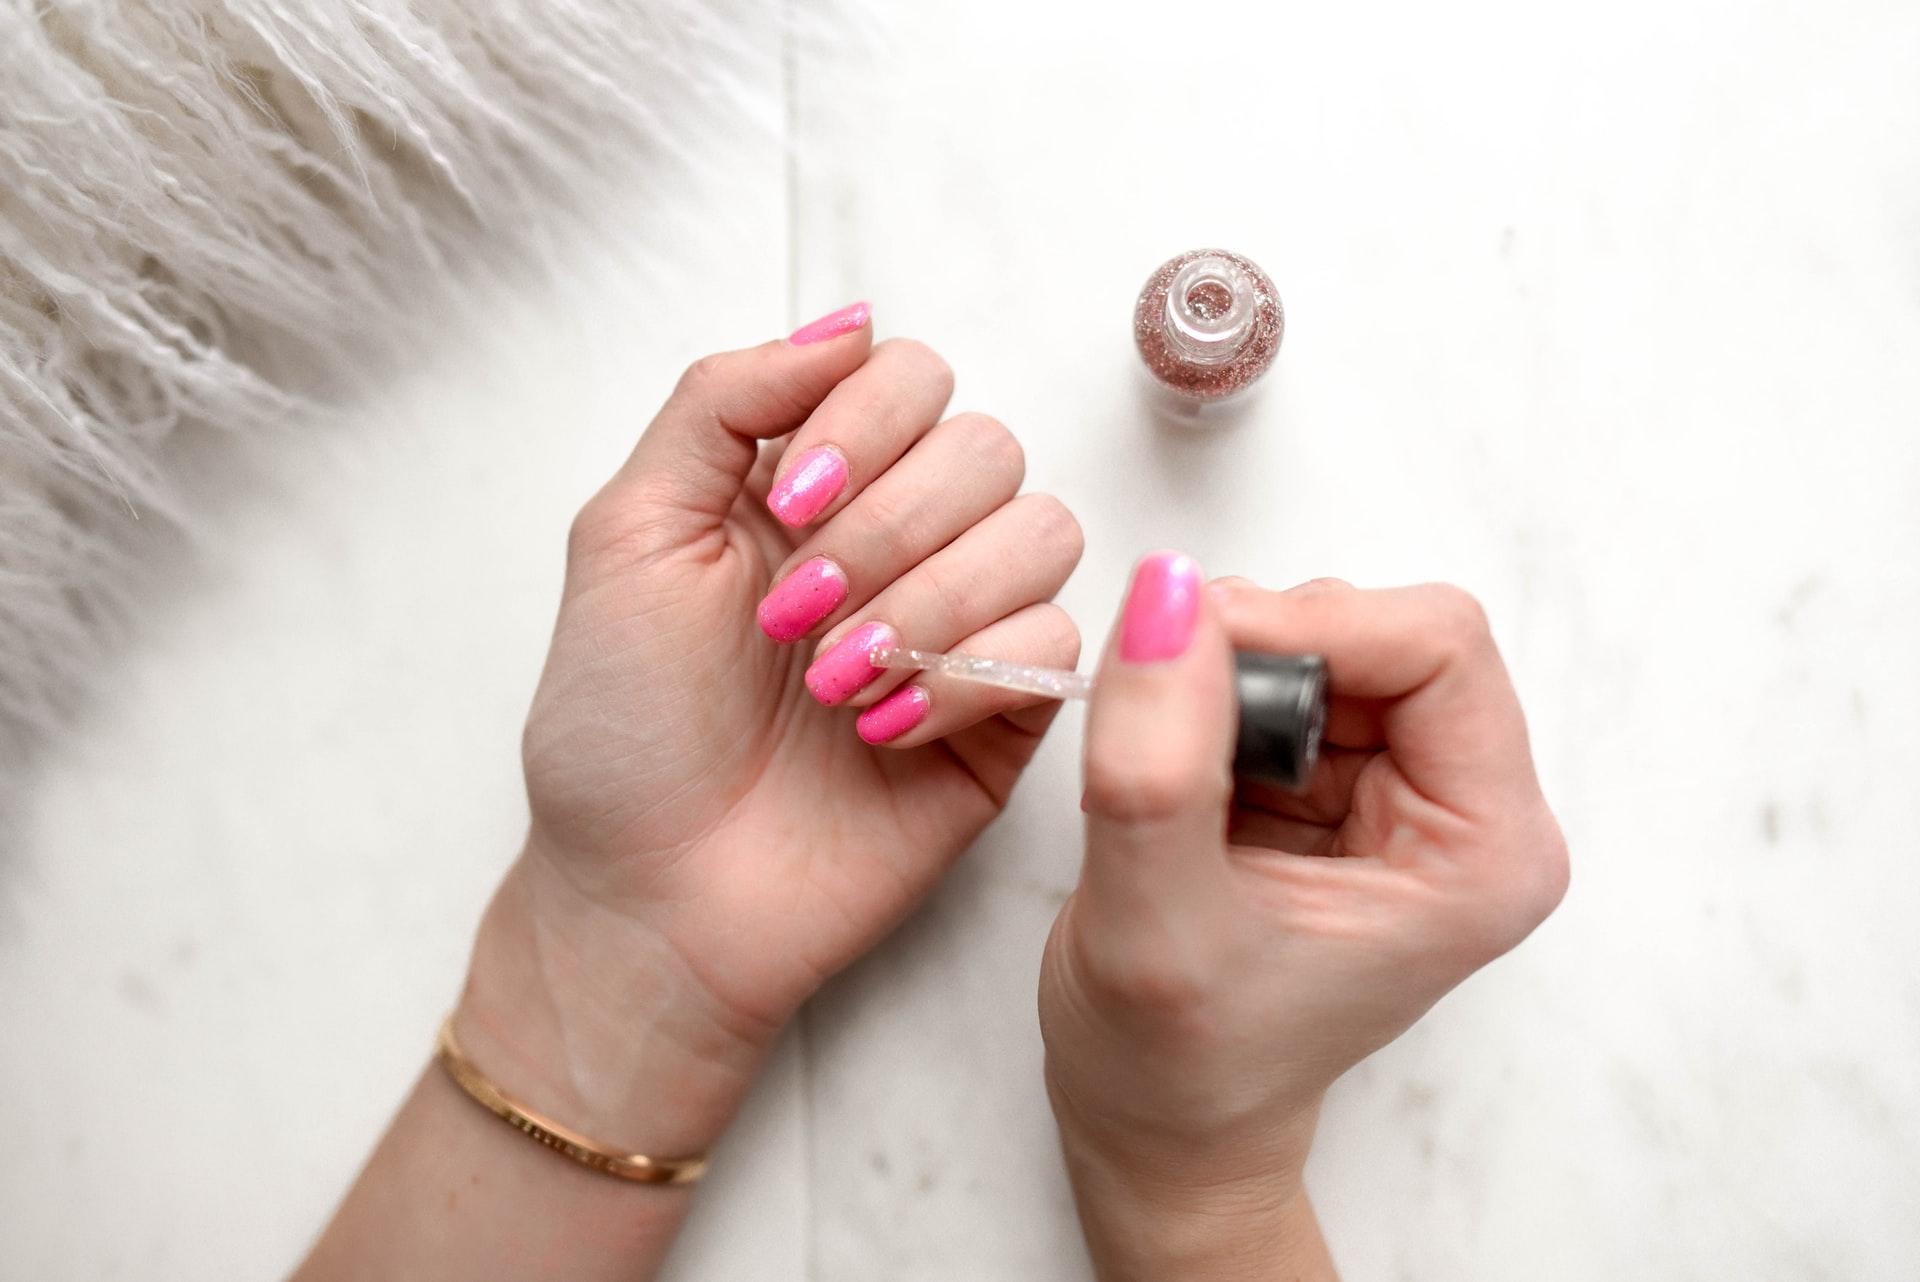 Quais são os benefícios deste curso online de manicure?